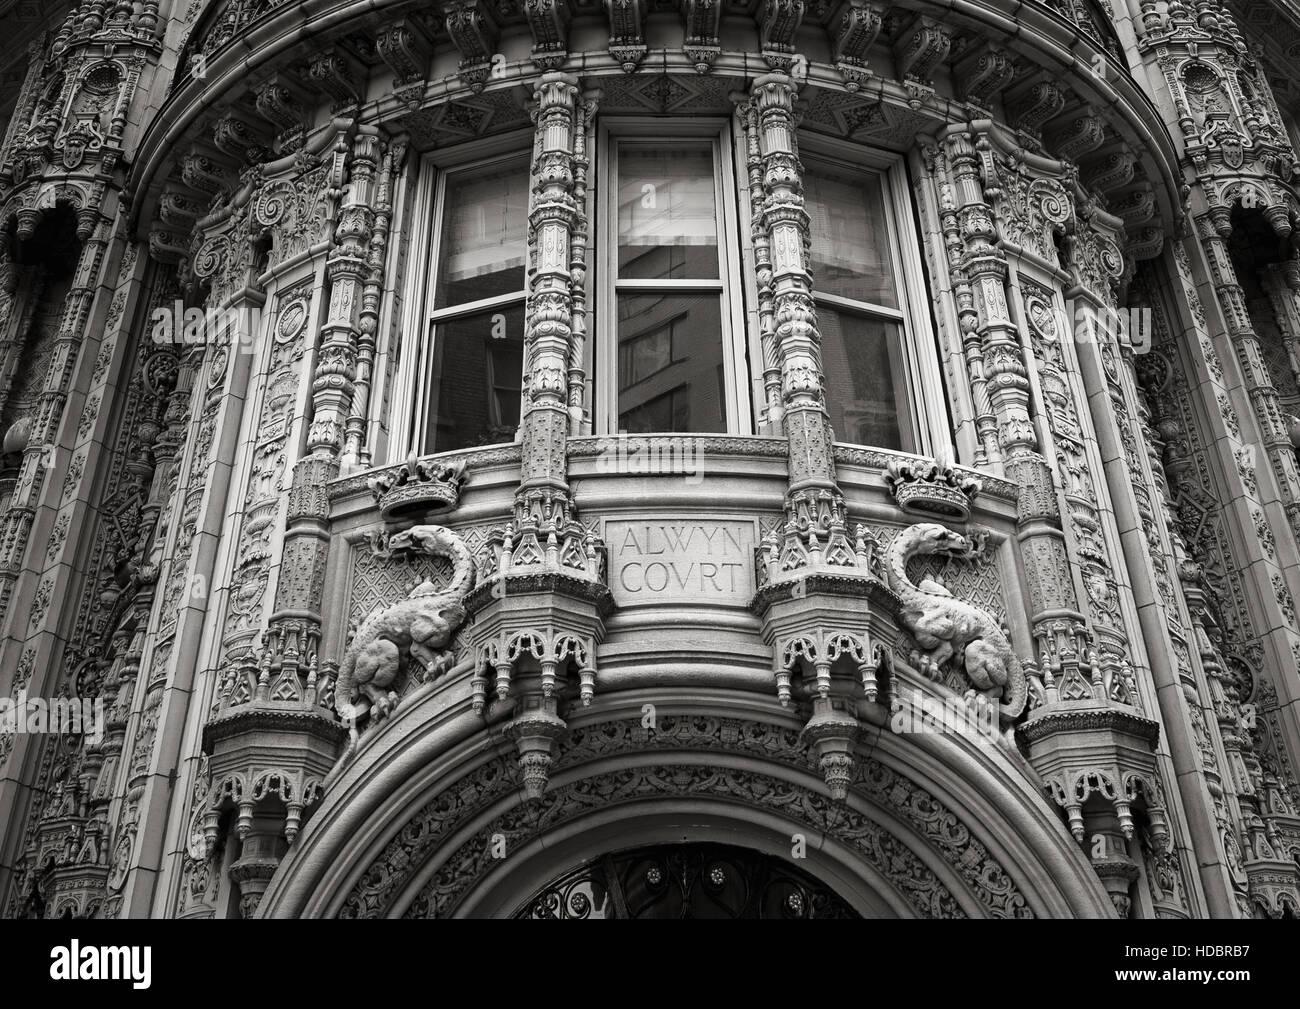 Prächtige architektonische Ornamente der Gebäudefassade Alwyn Gericht. Schwarz und weiß in New York Stockbild